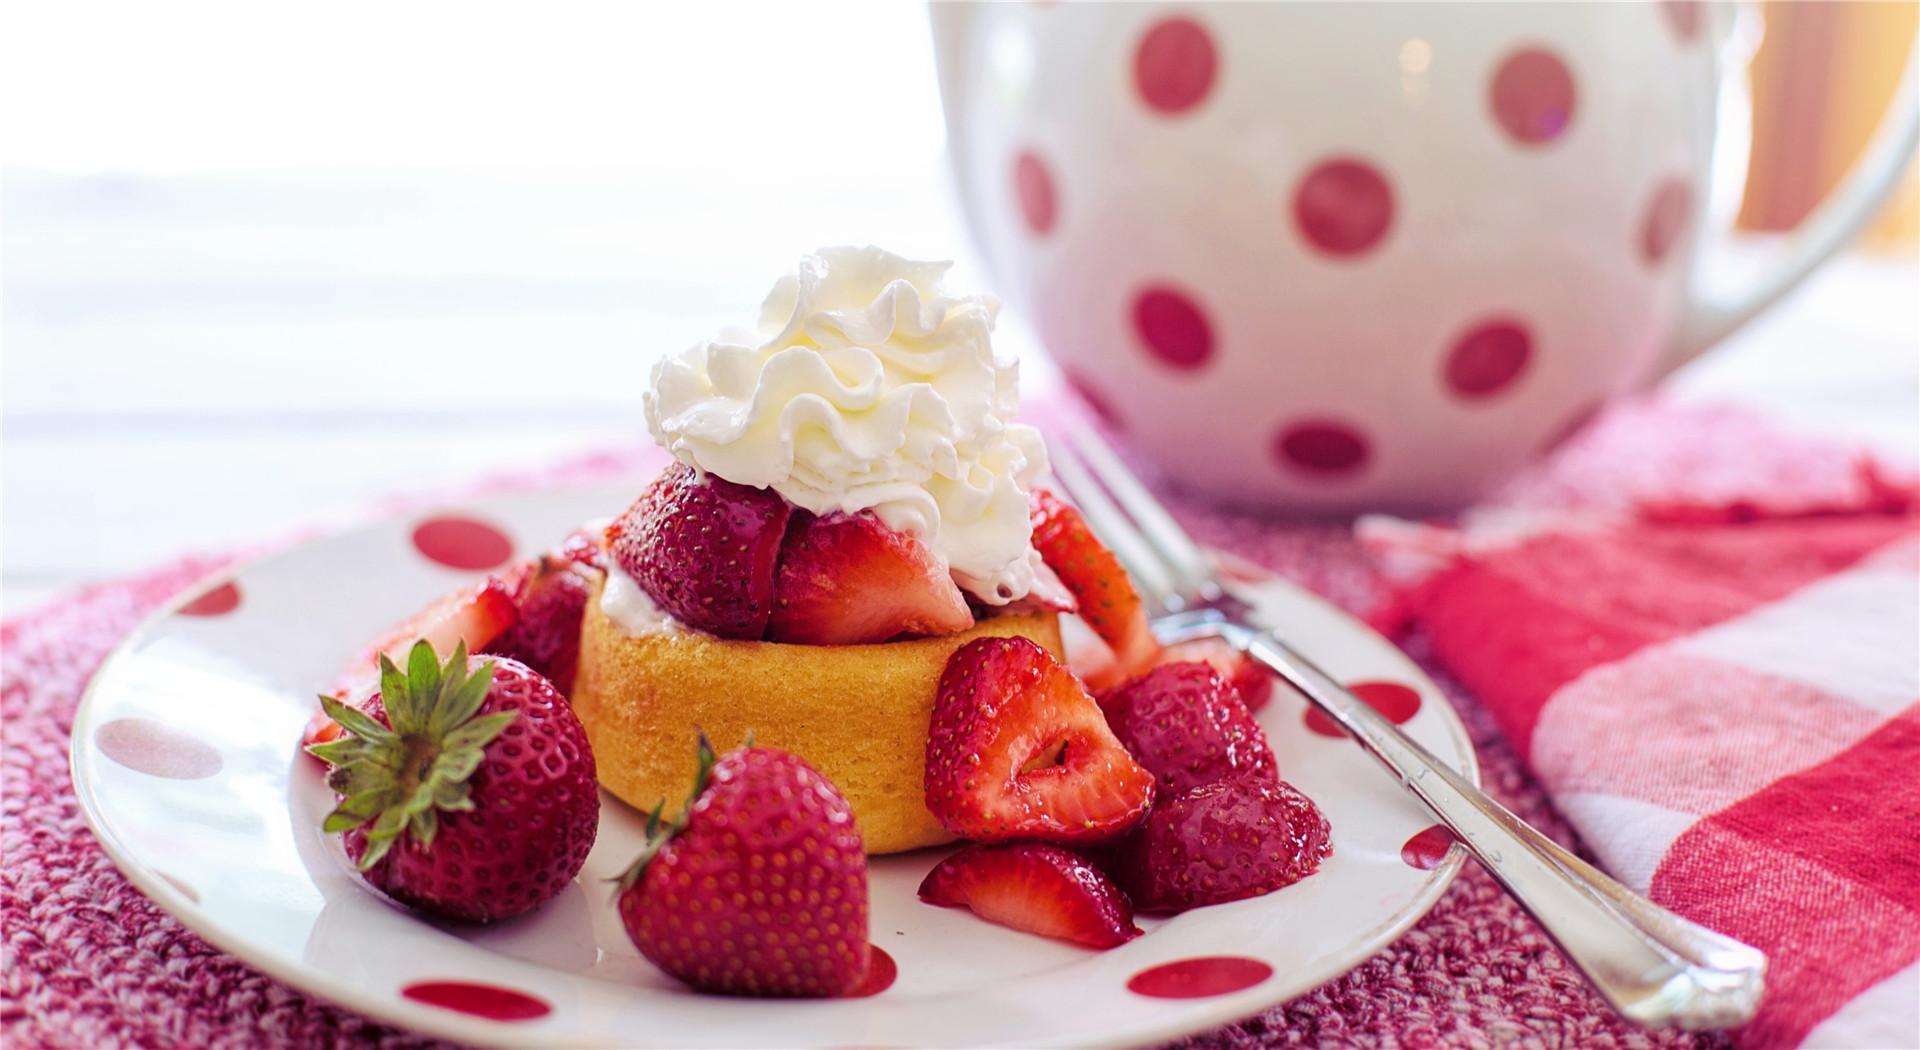 甜美食品/15.jpg